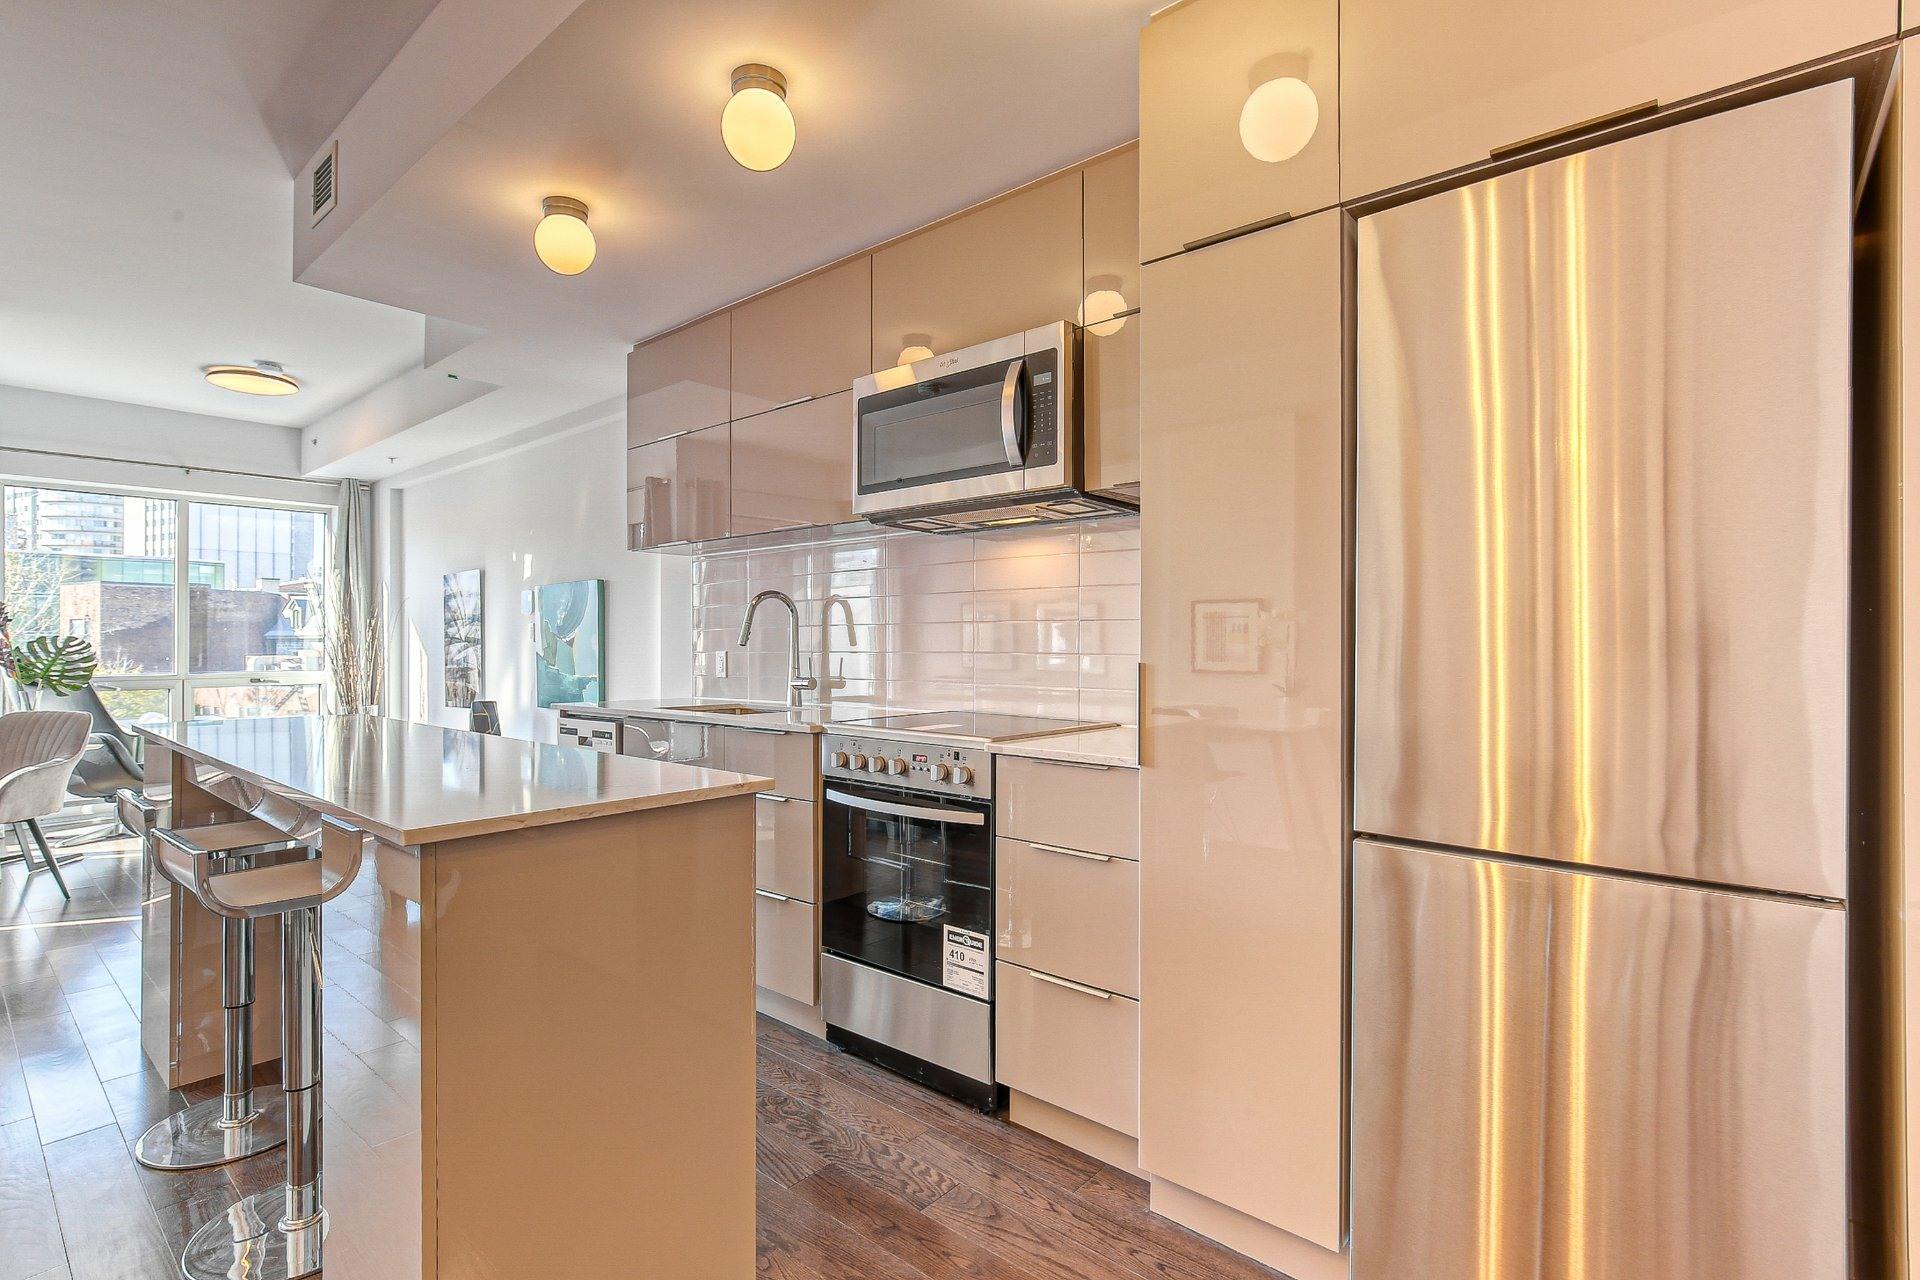 image 1 - Appartement À vendre Ville-Marie Montréal  - 8 pièces